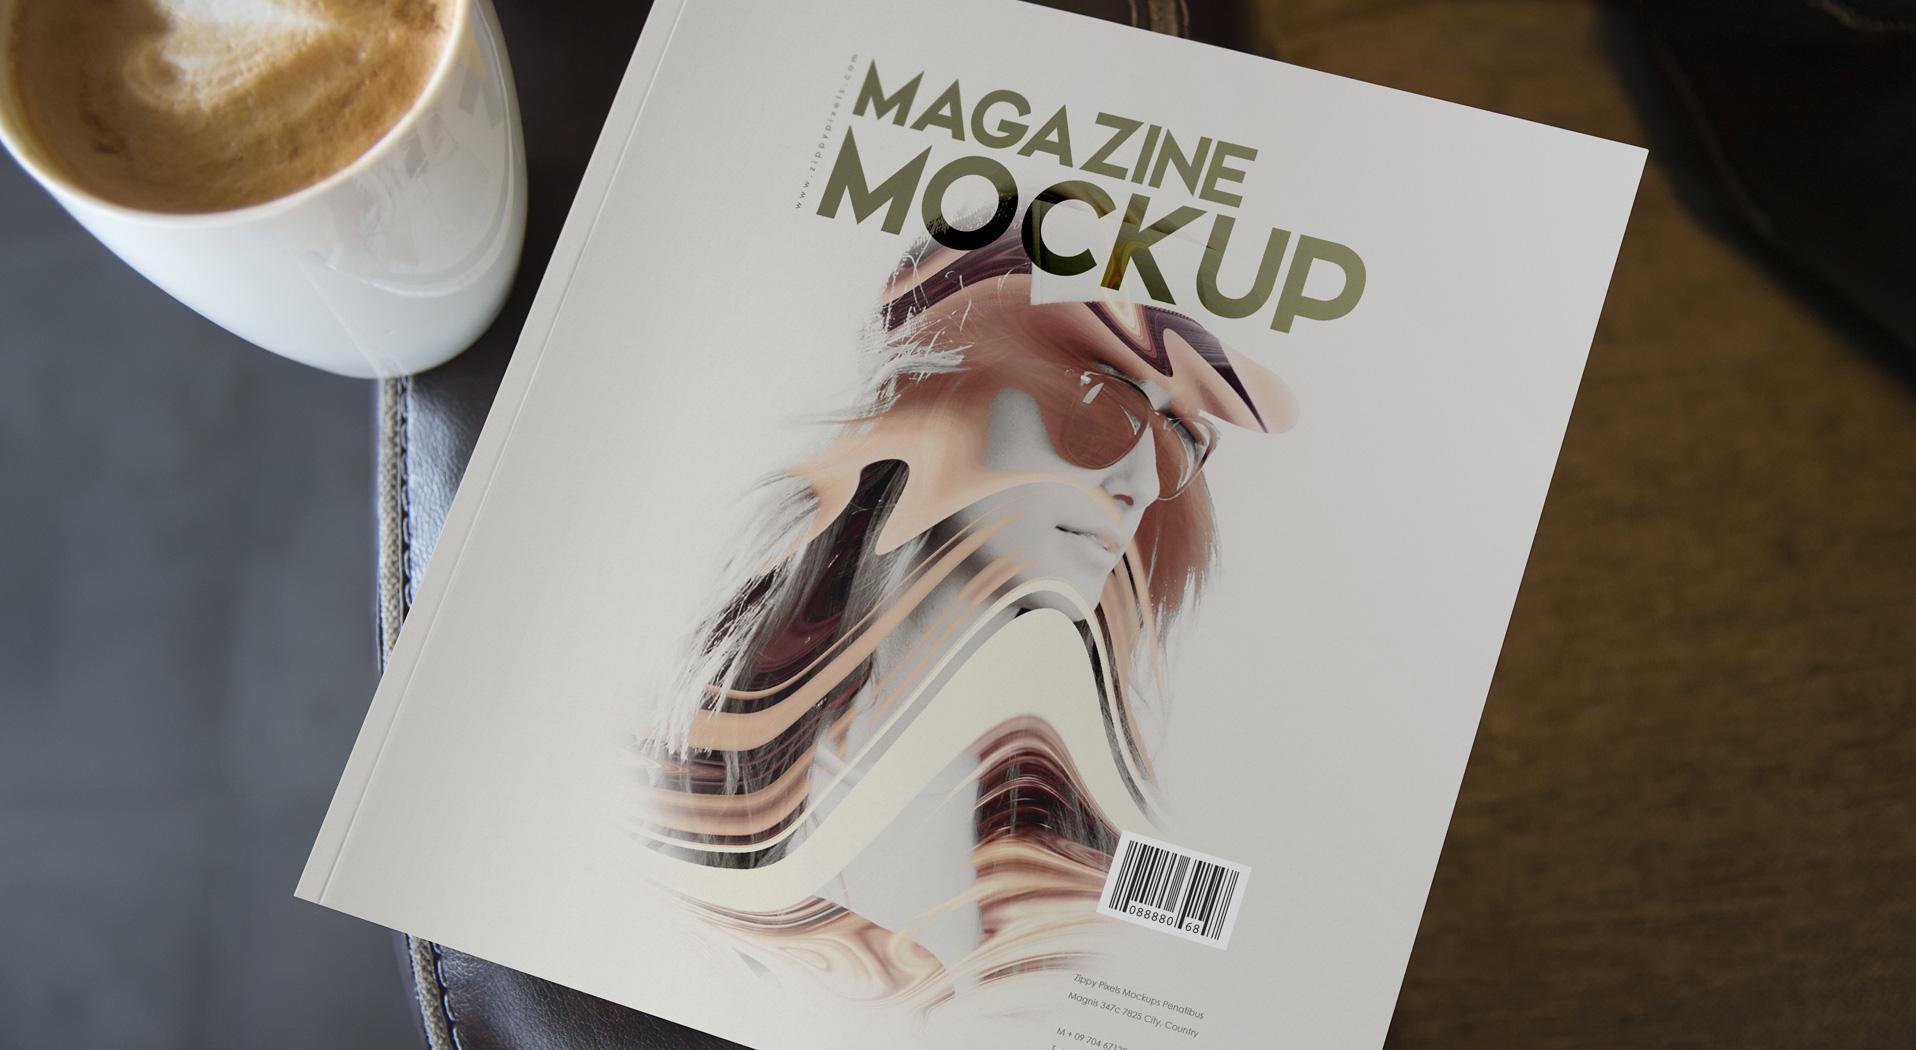 Digest Size Magazine Mockups vl 2